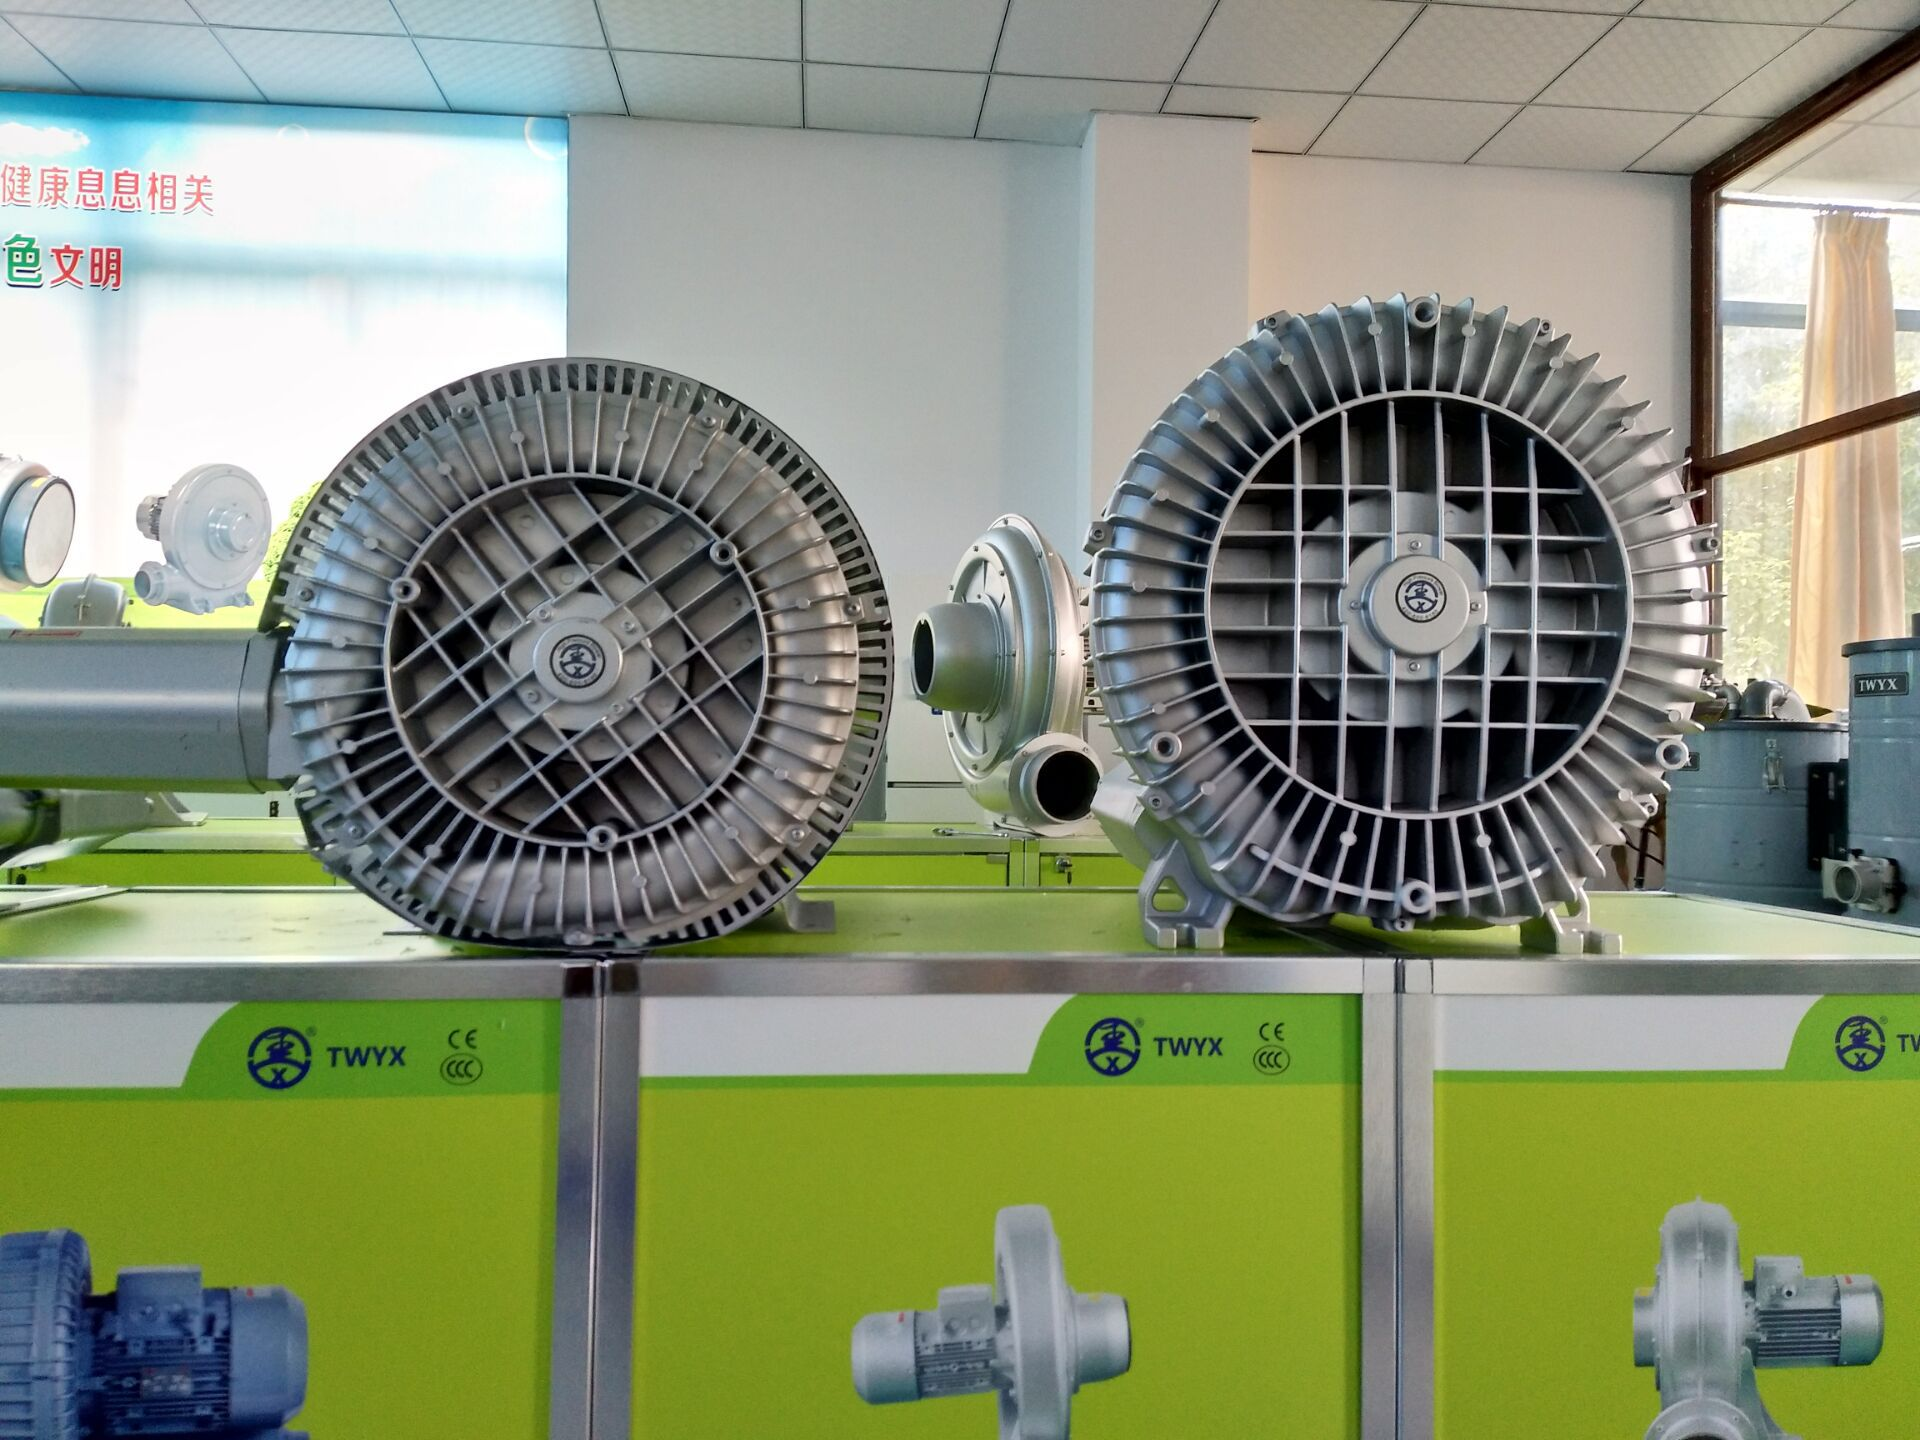 低噪音高壓風機 污水曝氣專用雙葉輪高壓風機 大風量高壓鼓風機示例圖22